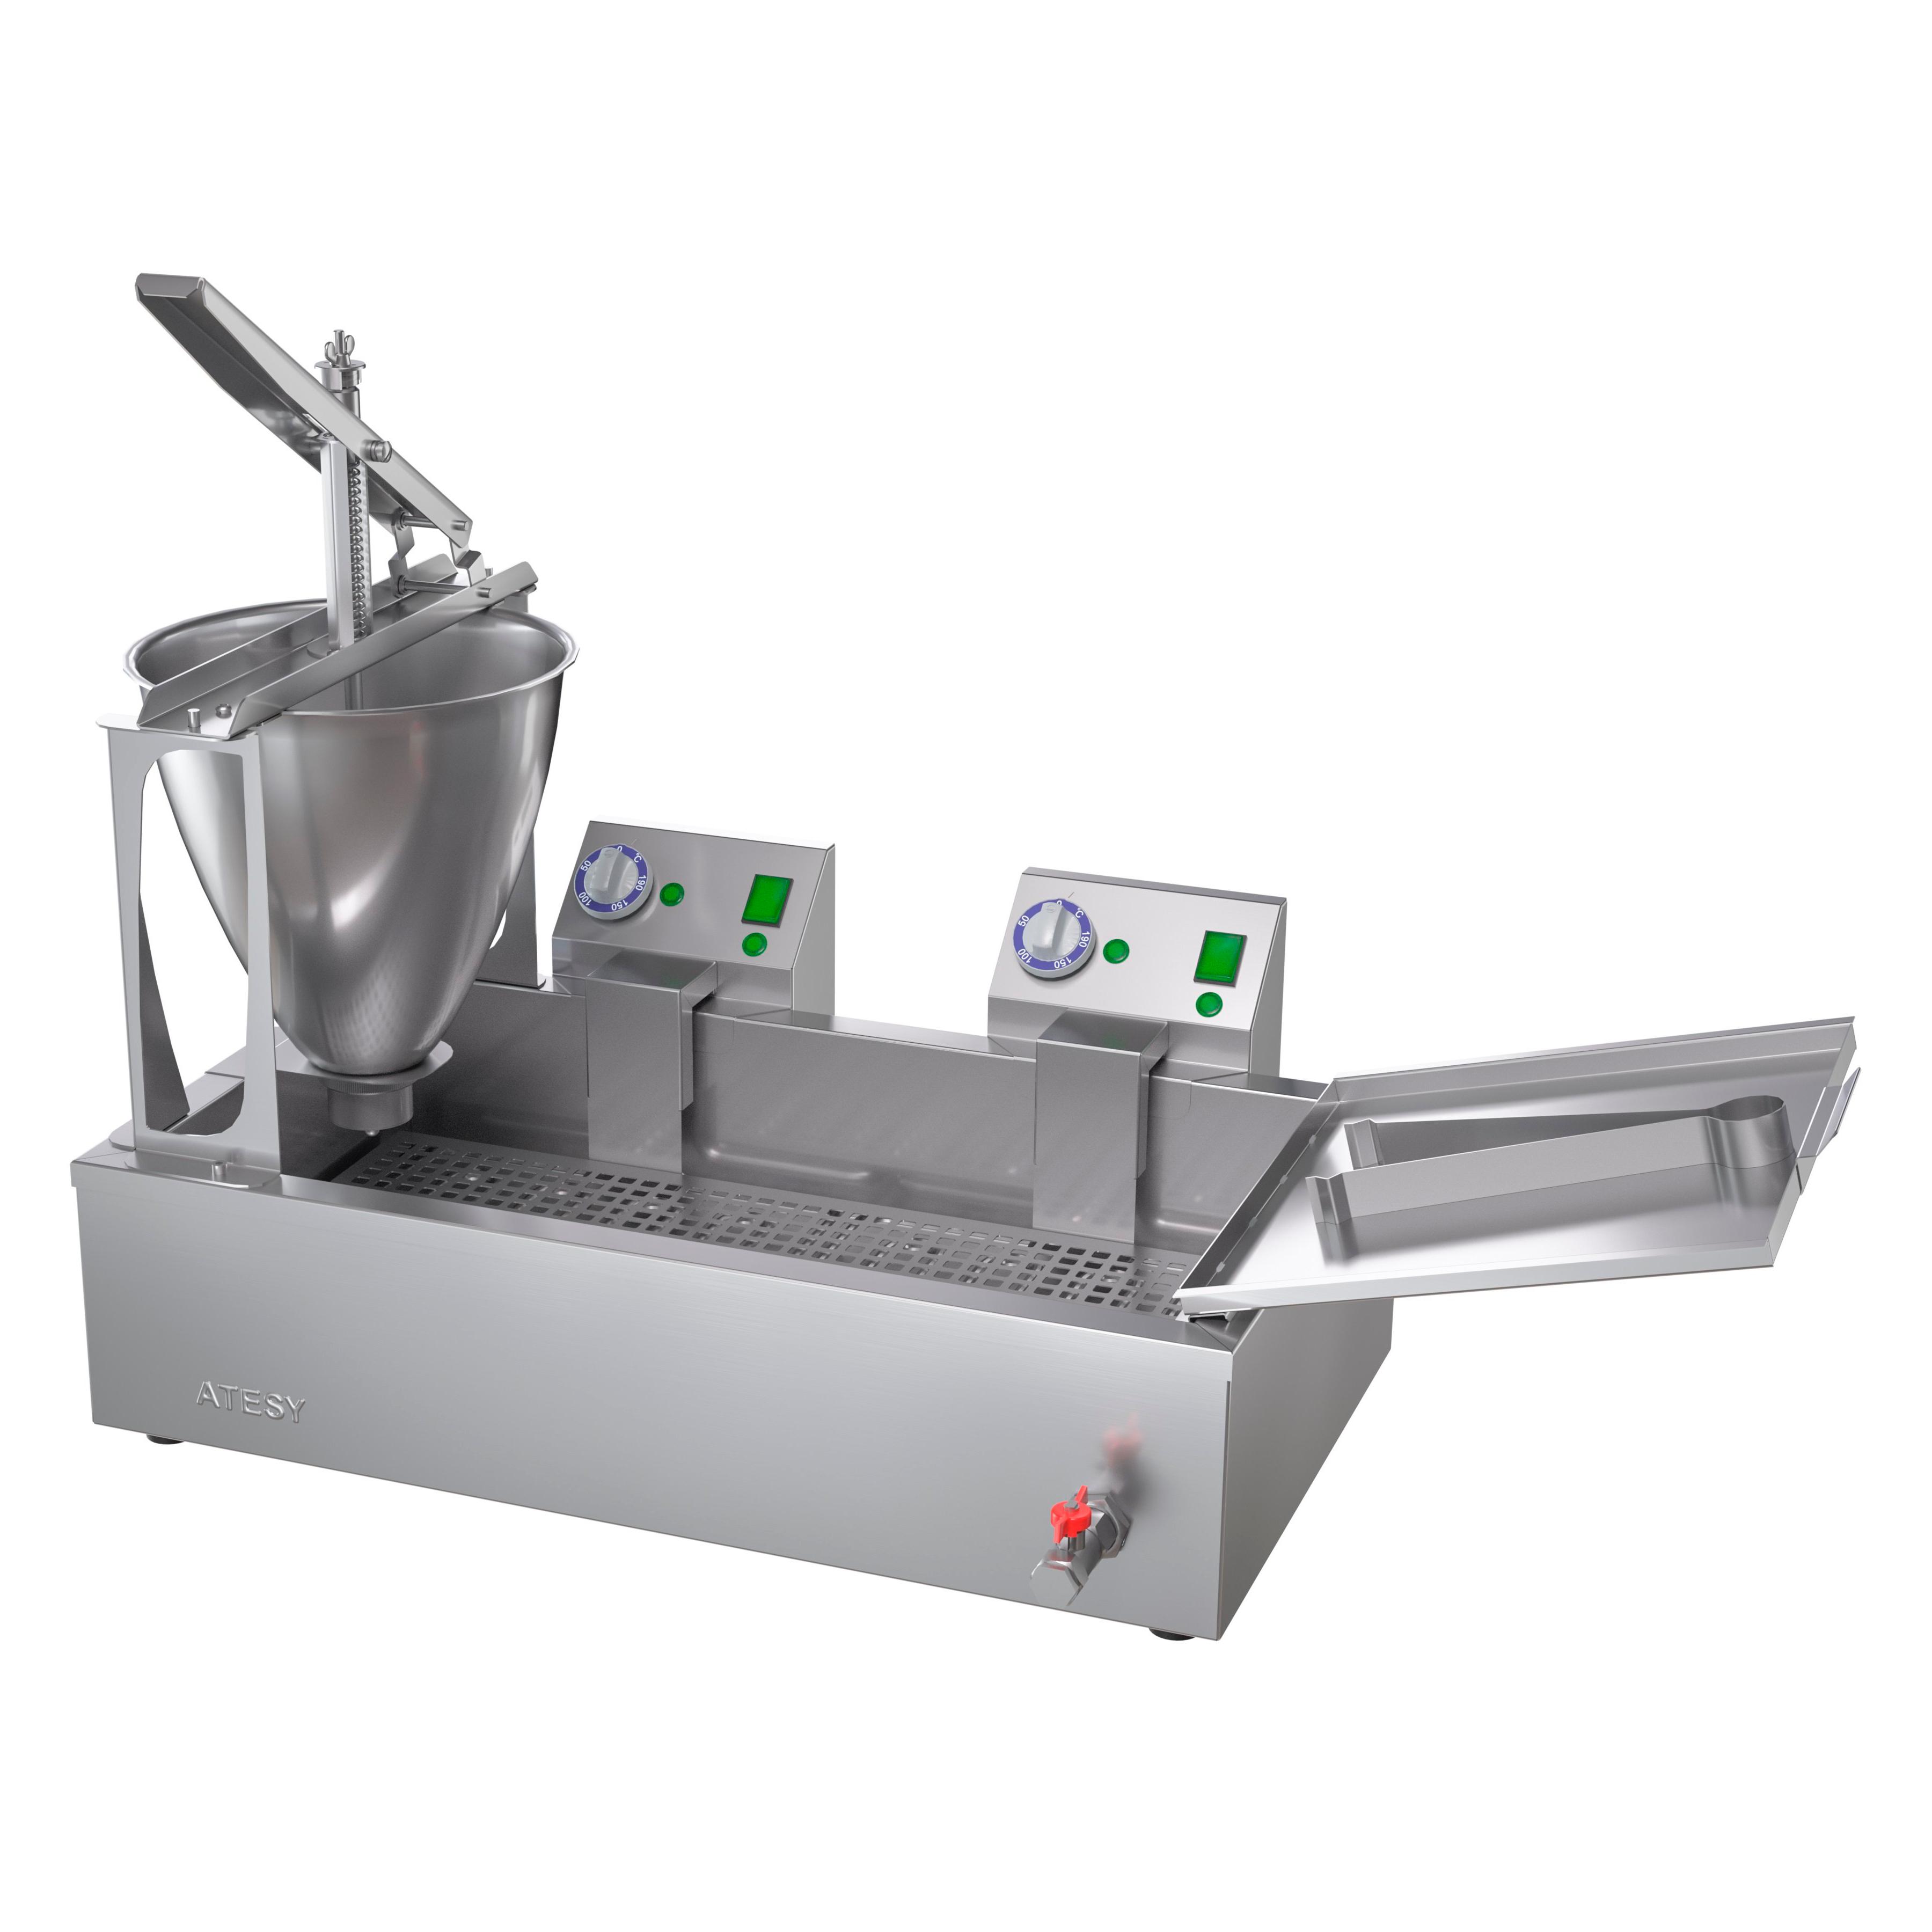 Аппарат для приготовления кваркини Атеси КА-500-01